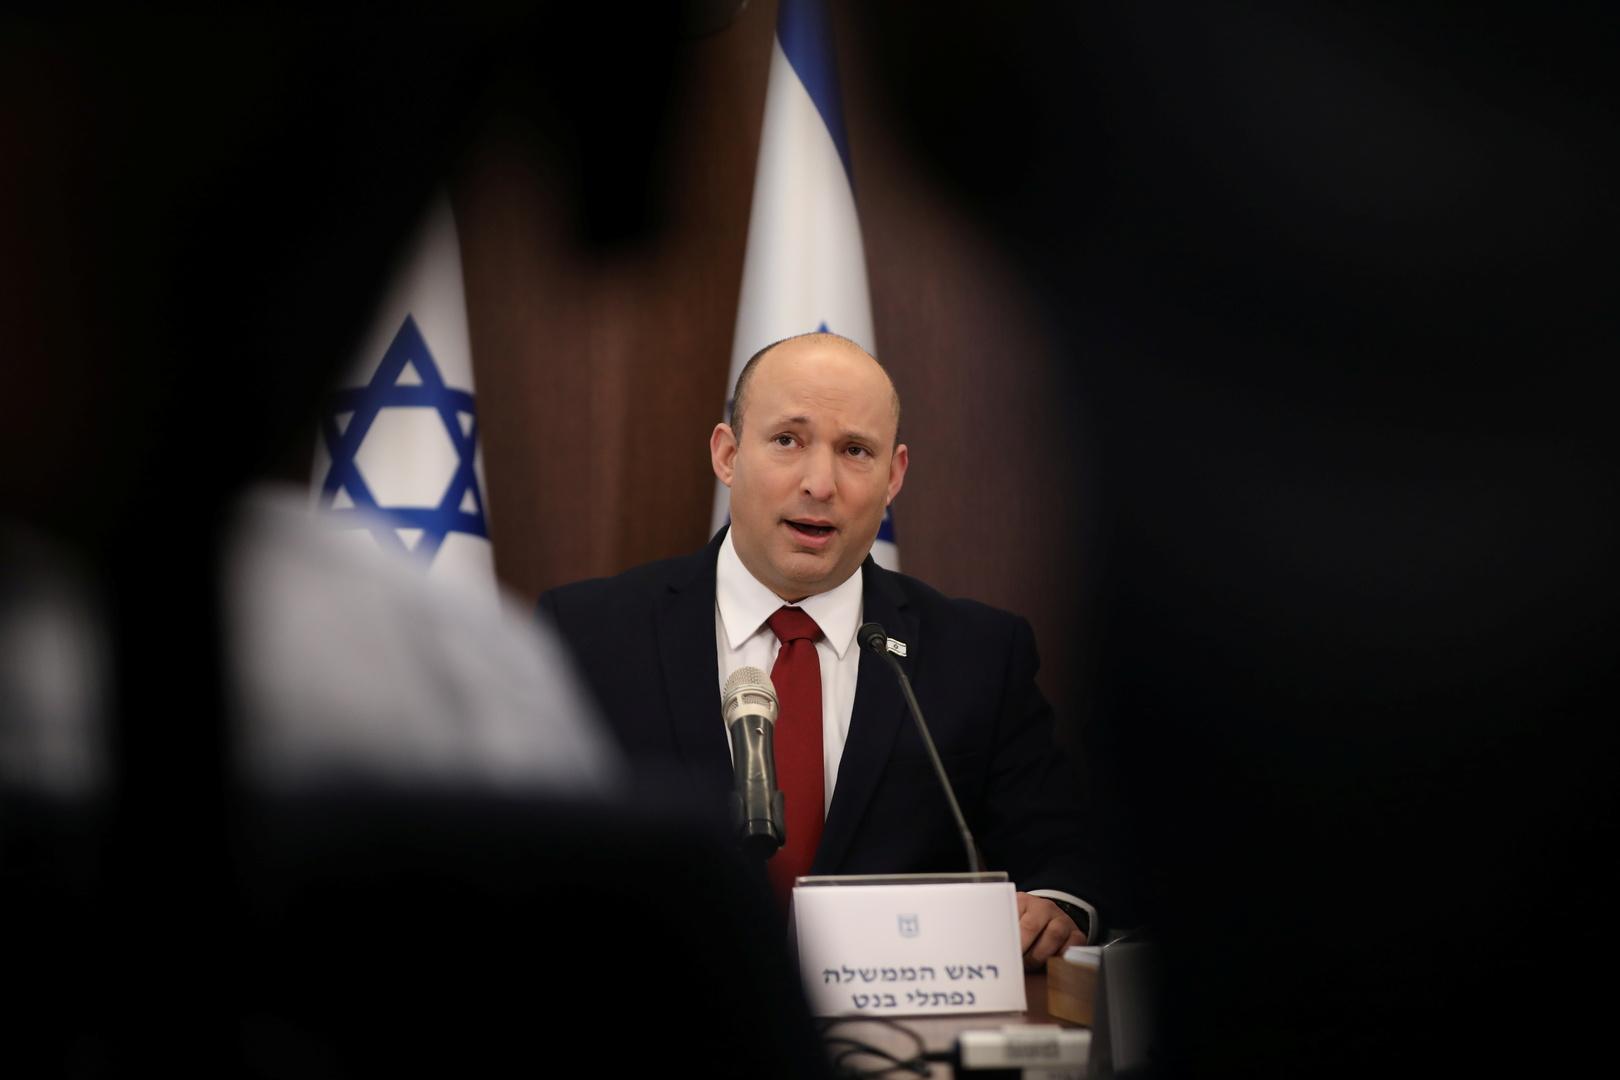 إسرائيل تعلن تشكيل لجنة خاصة للتحقيق في ملابسات هروب المعتقلين الفلسطينيين